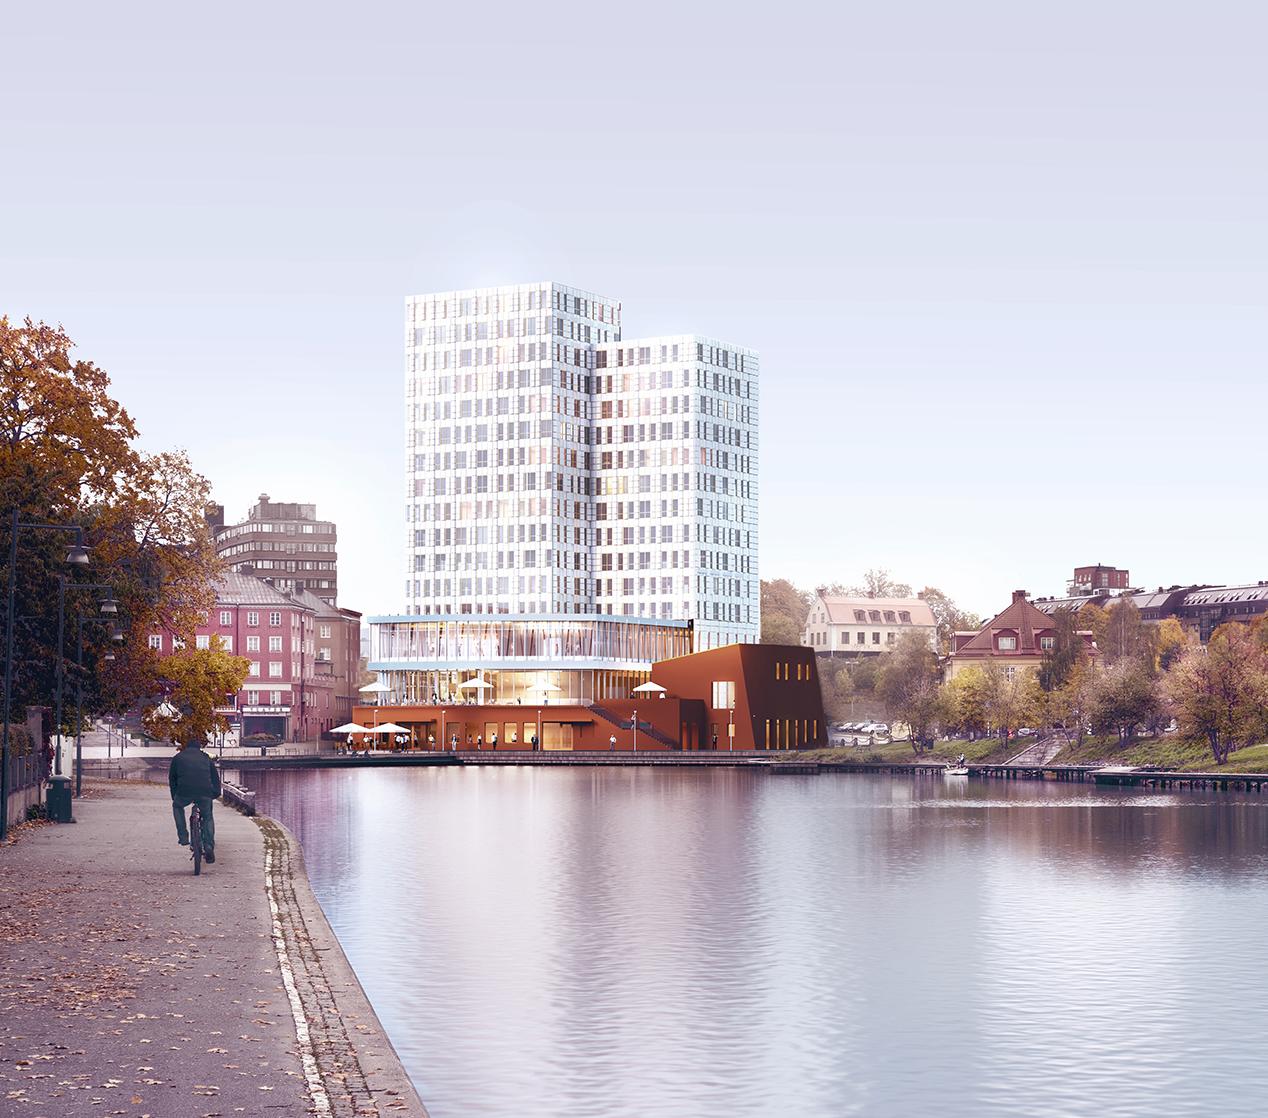 Stadsrum Fastigheter tecknar hyresavtal med Winn Hotel Group om ett nytt hotell i centrala Södertälje.